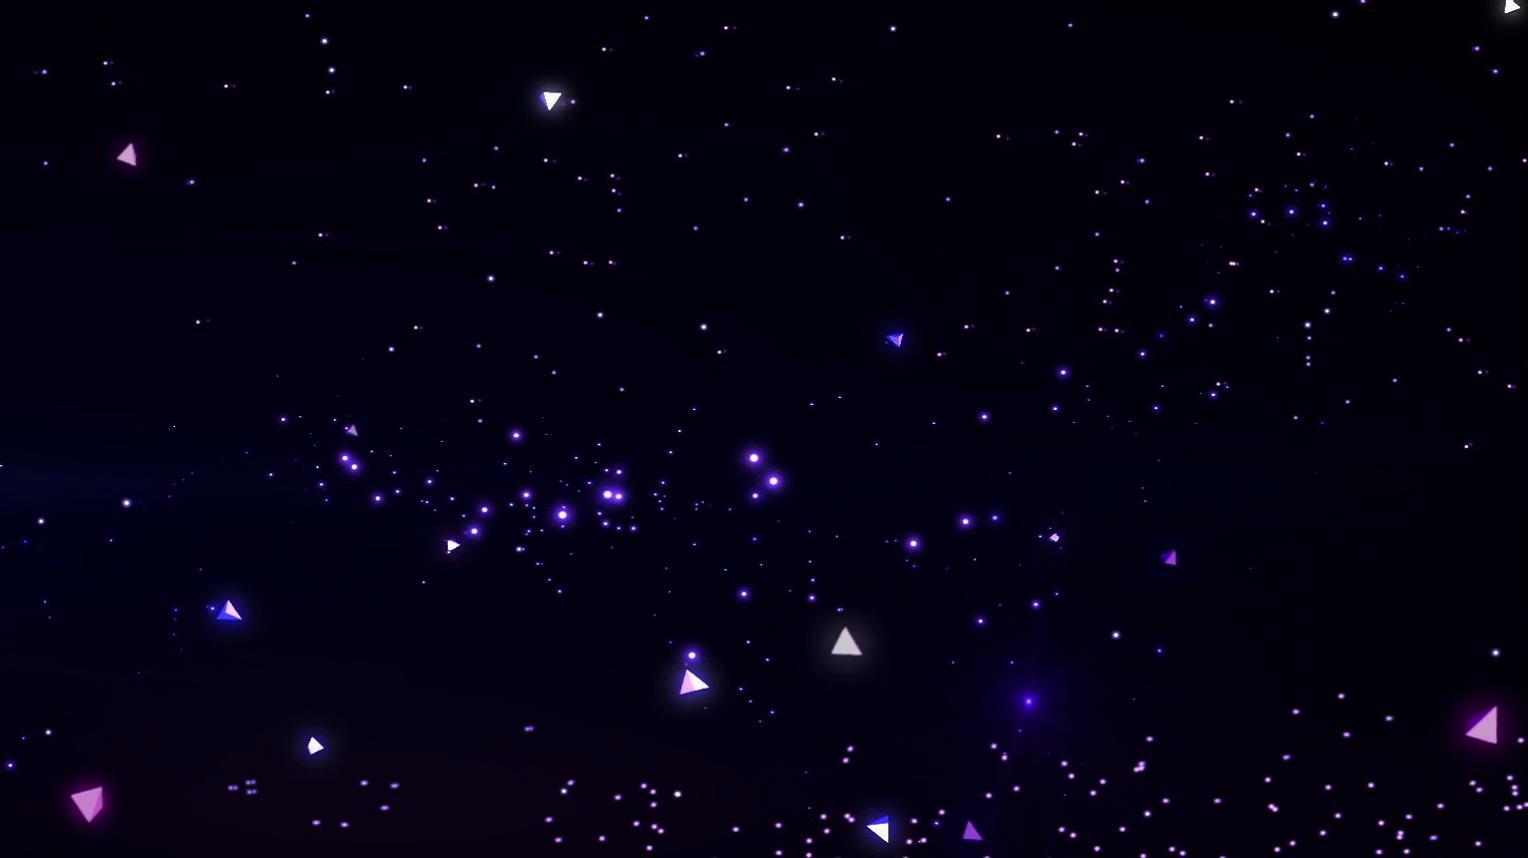 闪亮3D场景星空粒子汇聚形成圆形变化宇宙太空背景视频素材